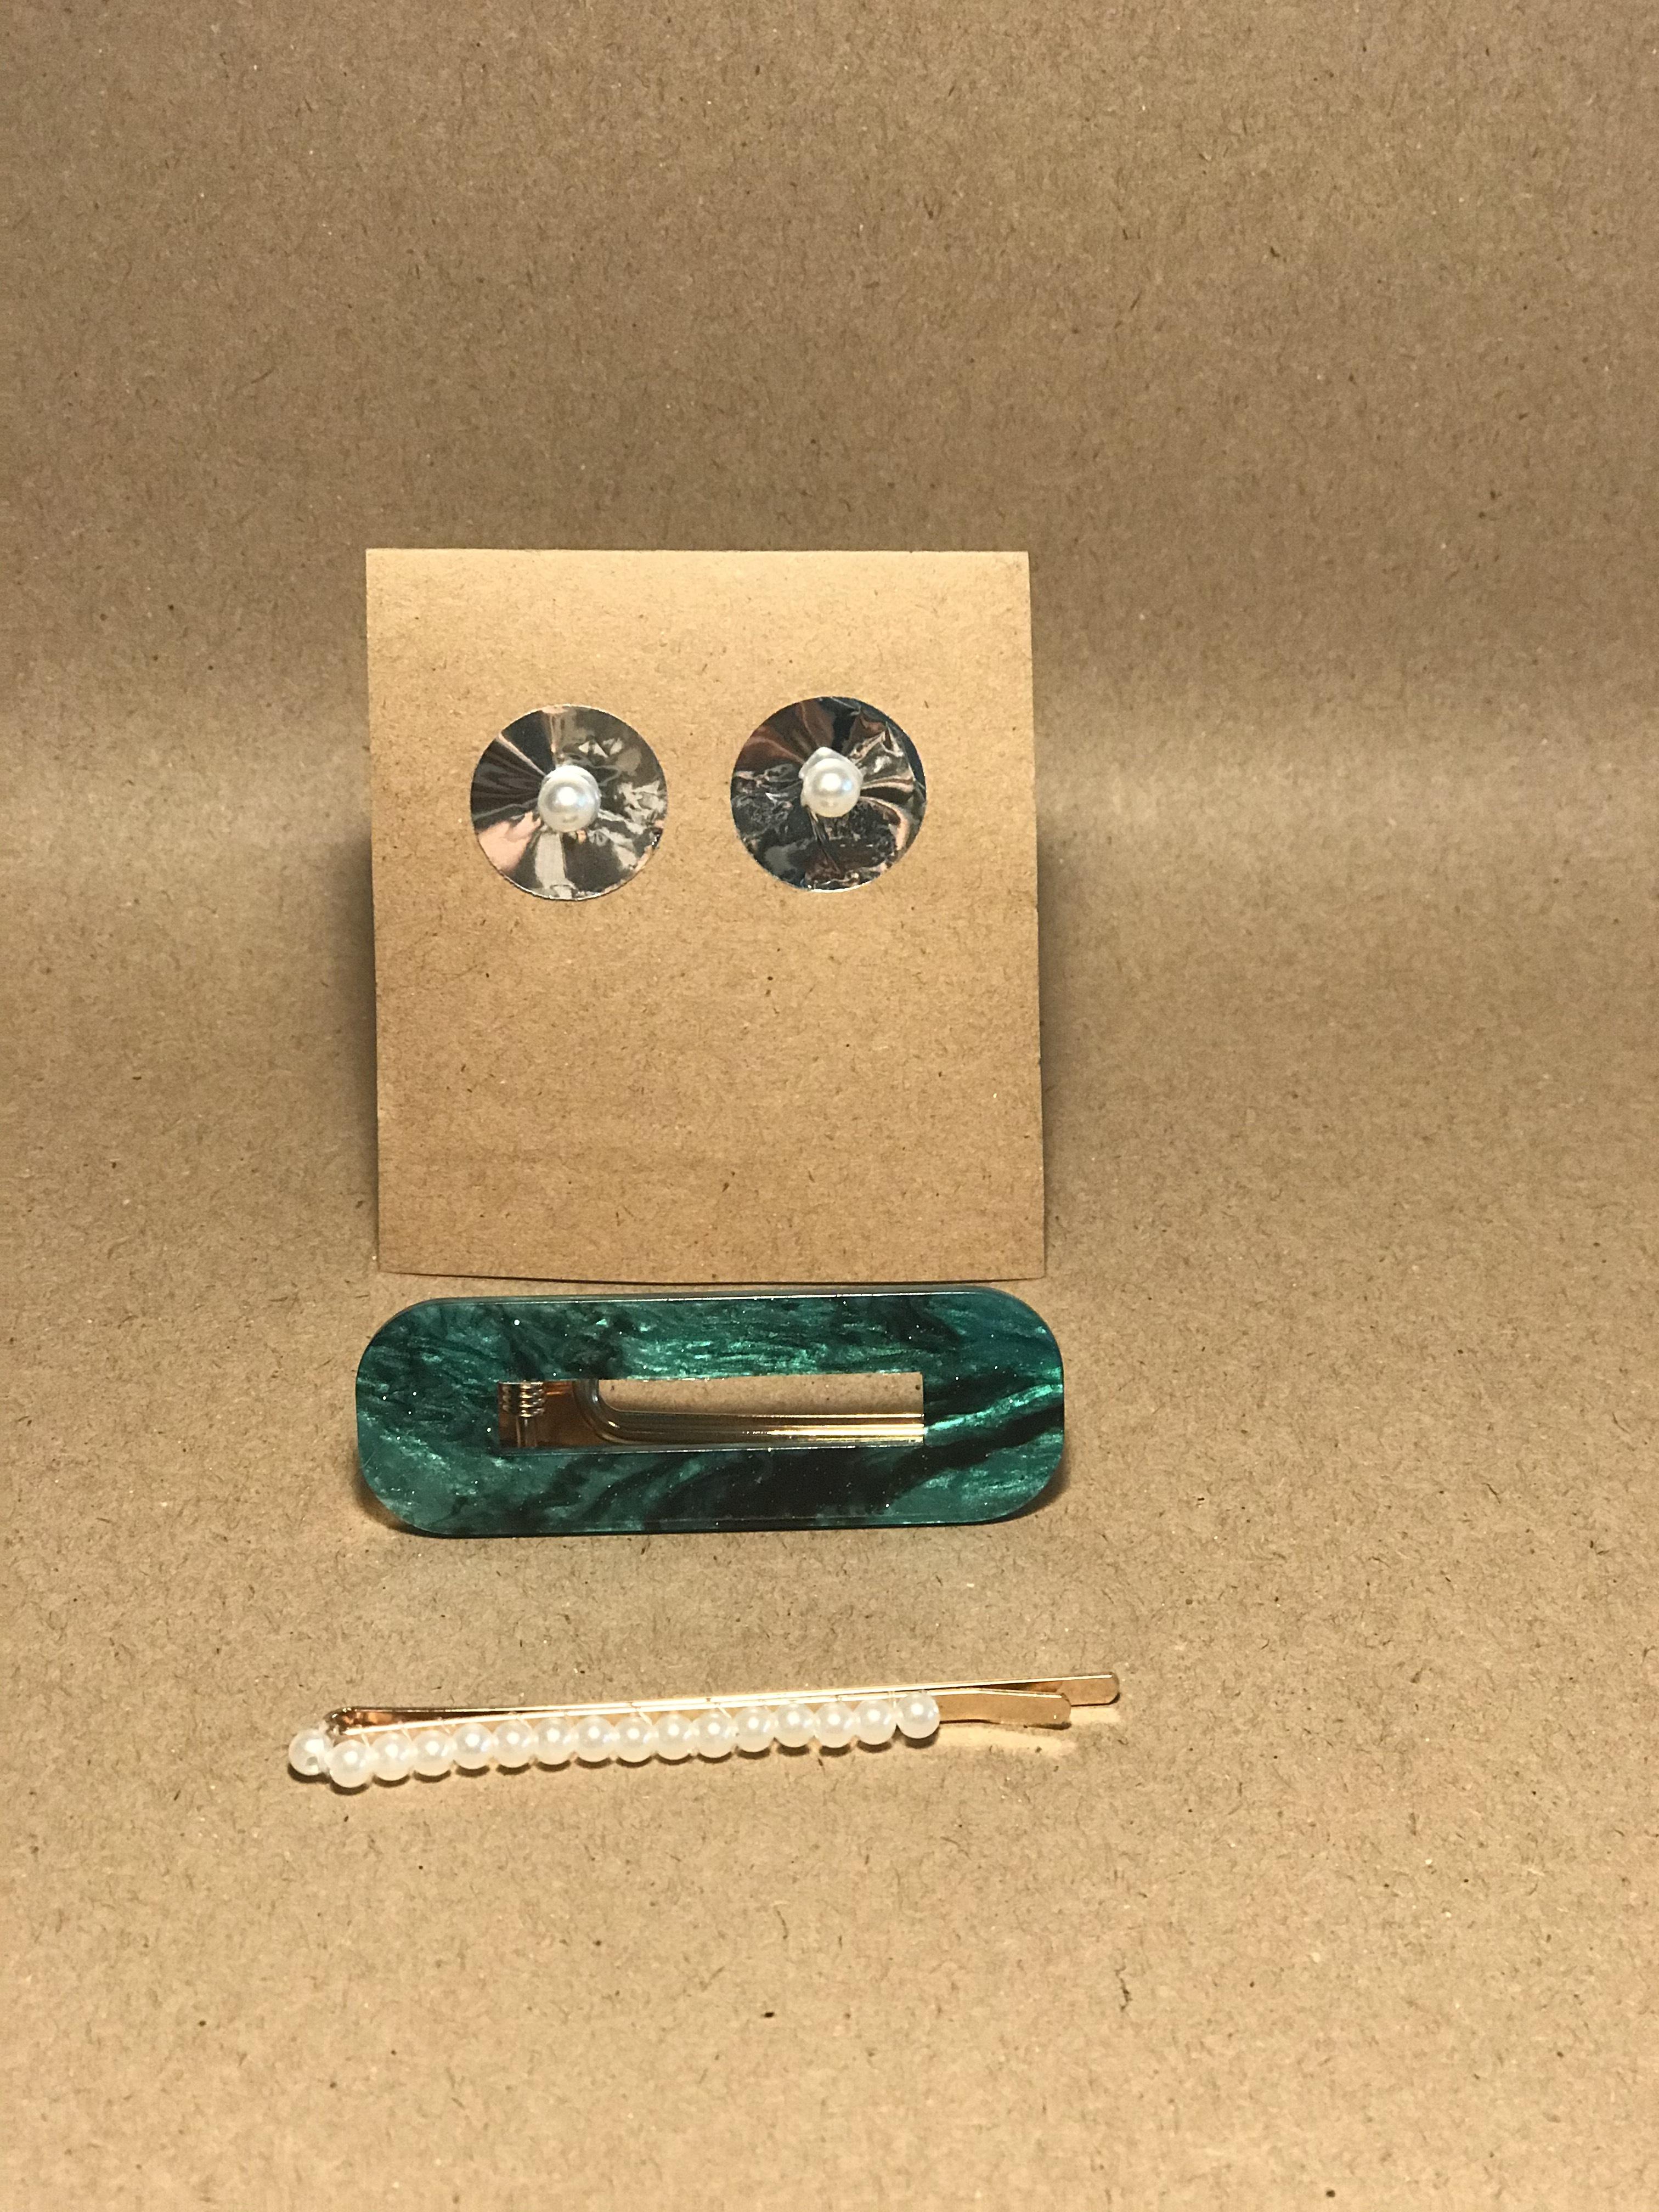 xMxDESiZ Accessoires de b/âton de Marche pour /équipement de randonn/ée de Remplacement portatif dembout de Poteau de randonn/ée